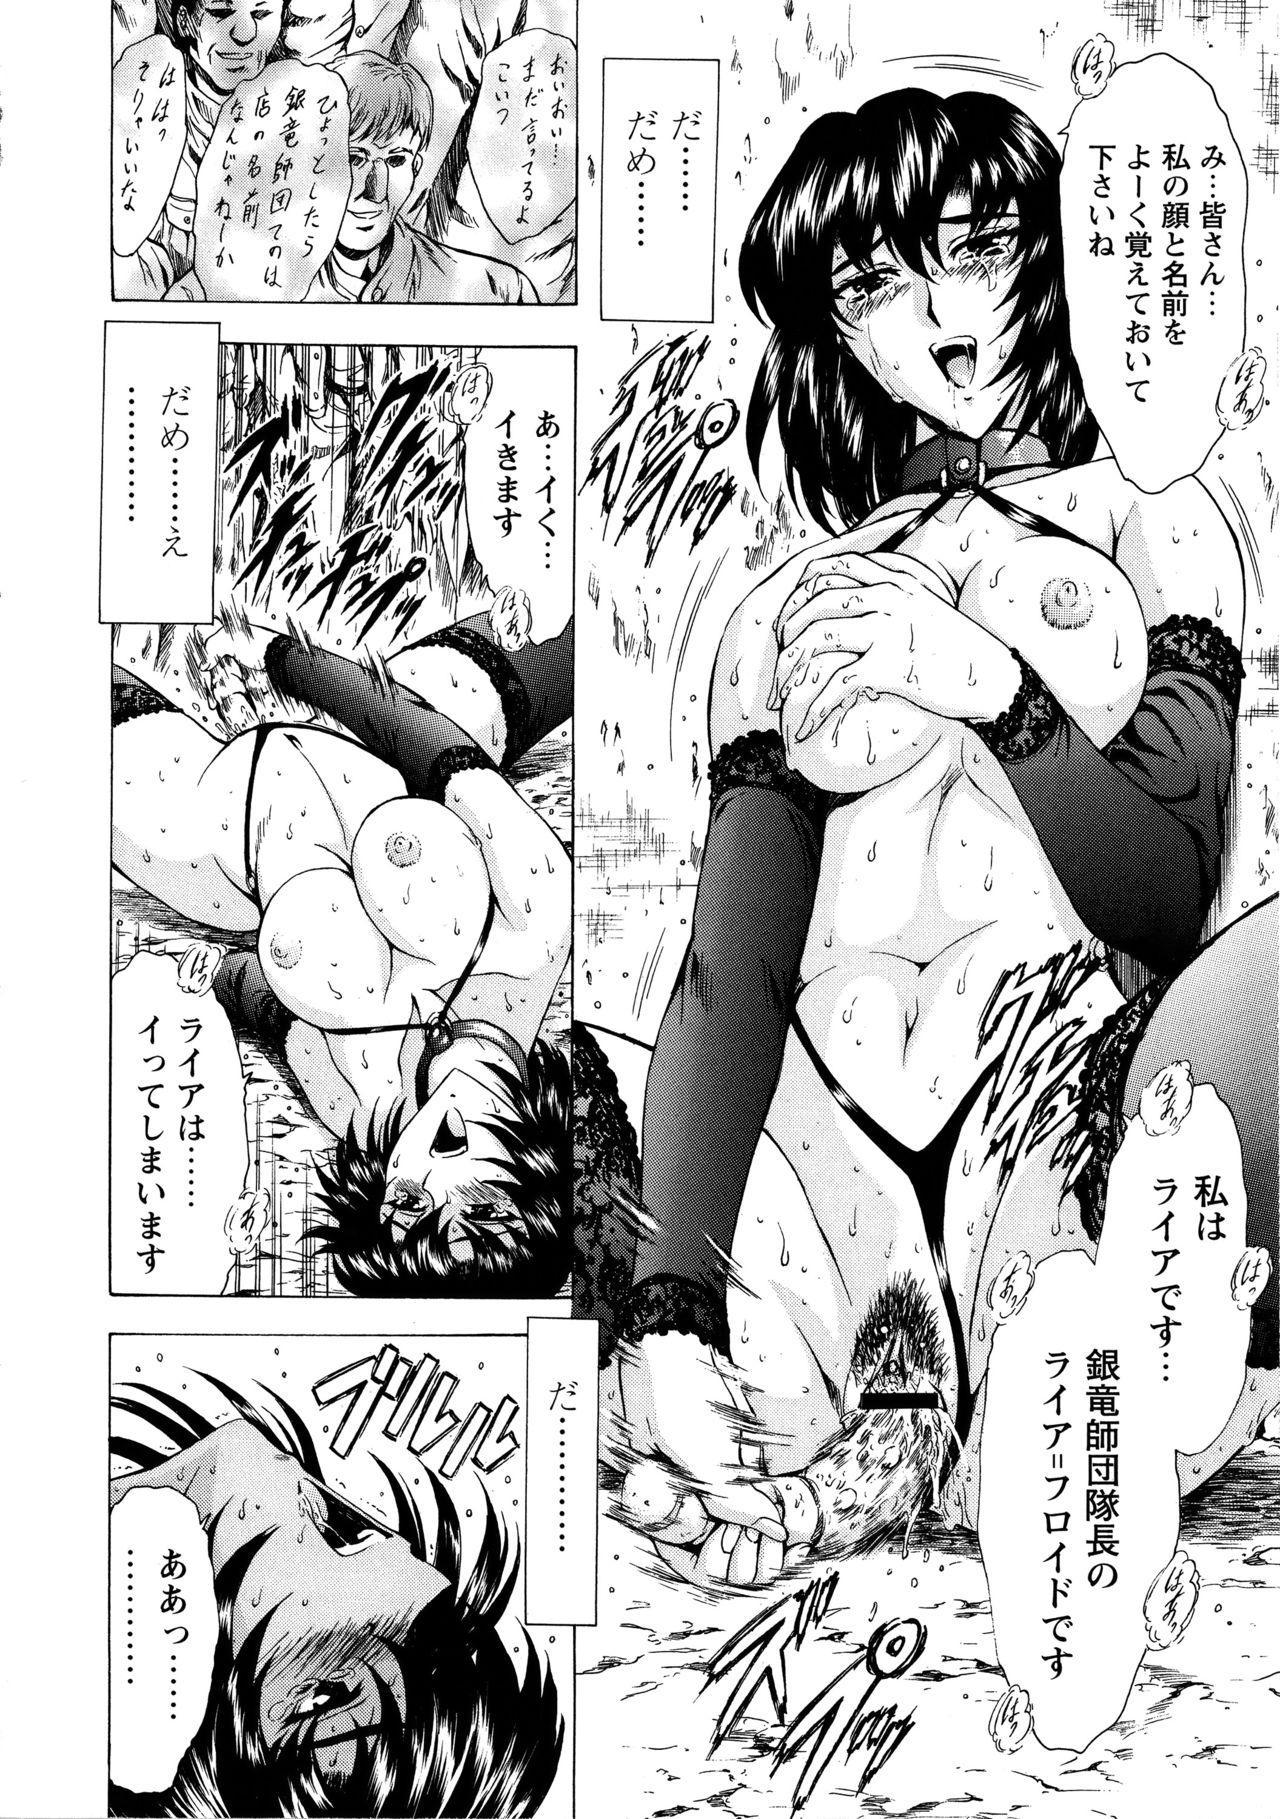 Ginryuu no Reimei Vol. 1 71